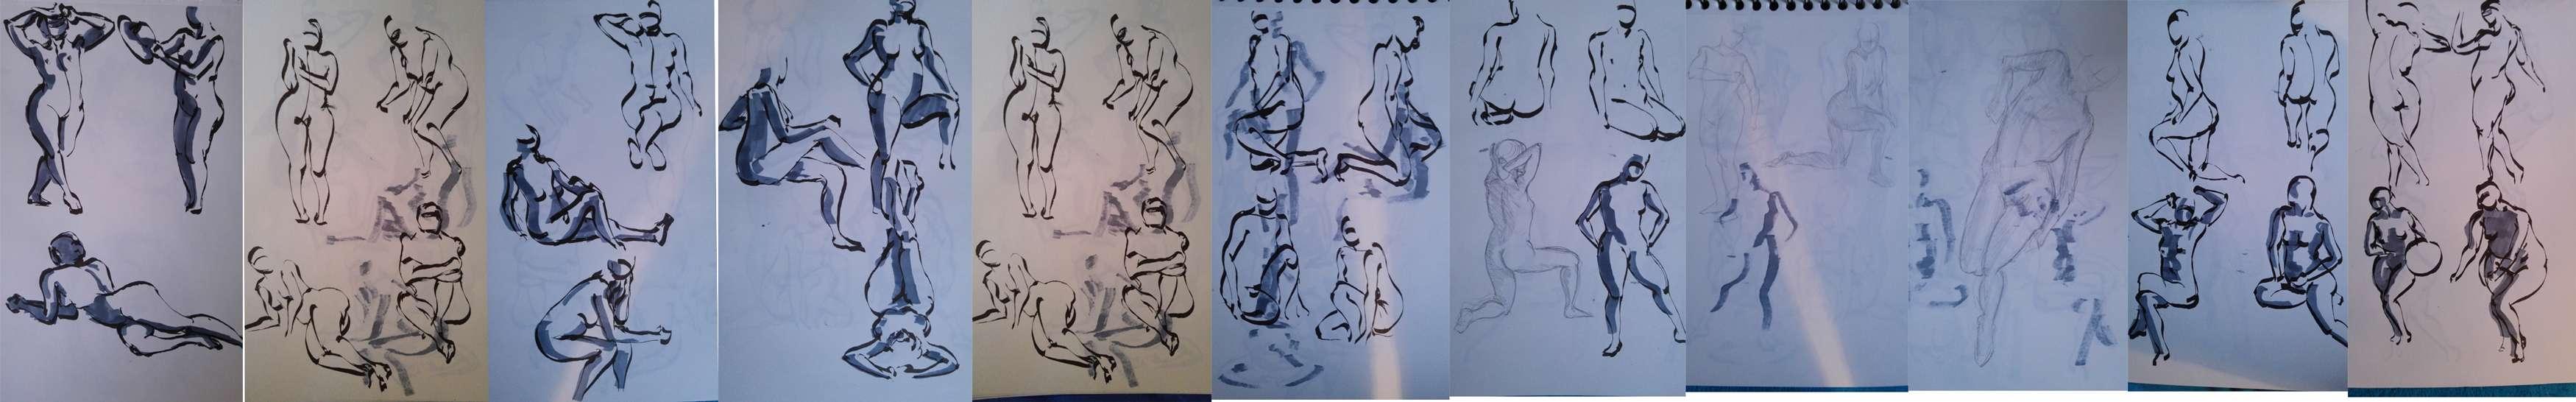 Les gribouilles d'Atna: objectif landscape et persos - Page 21 Pose110